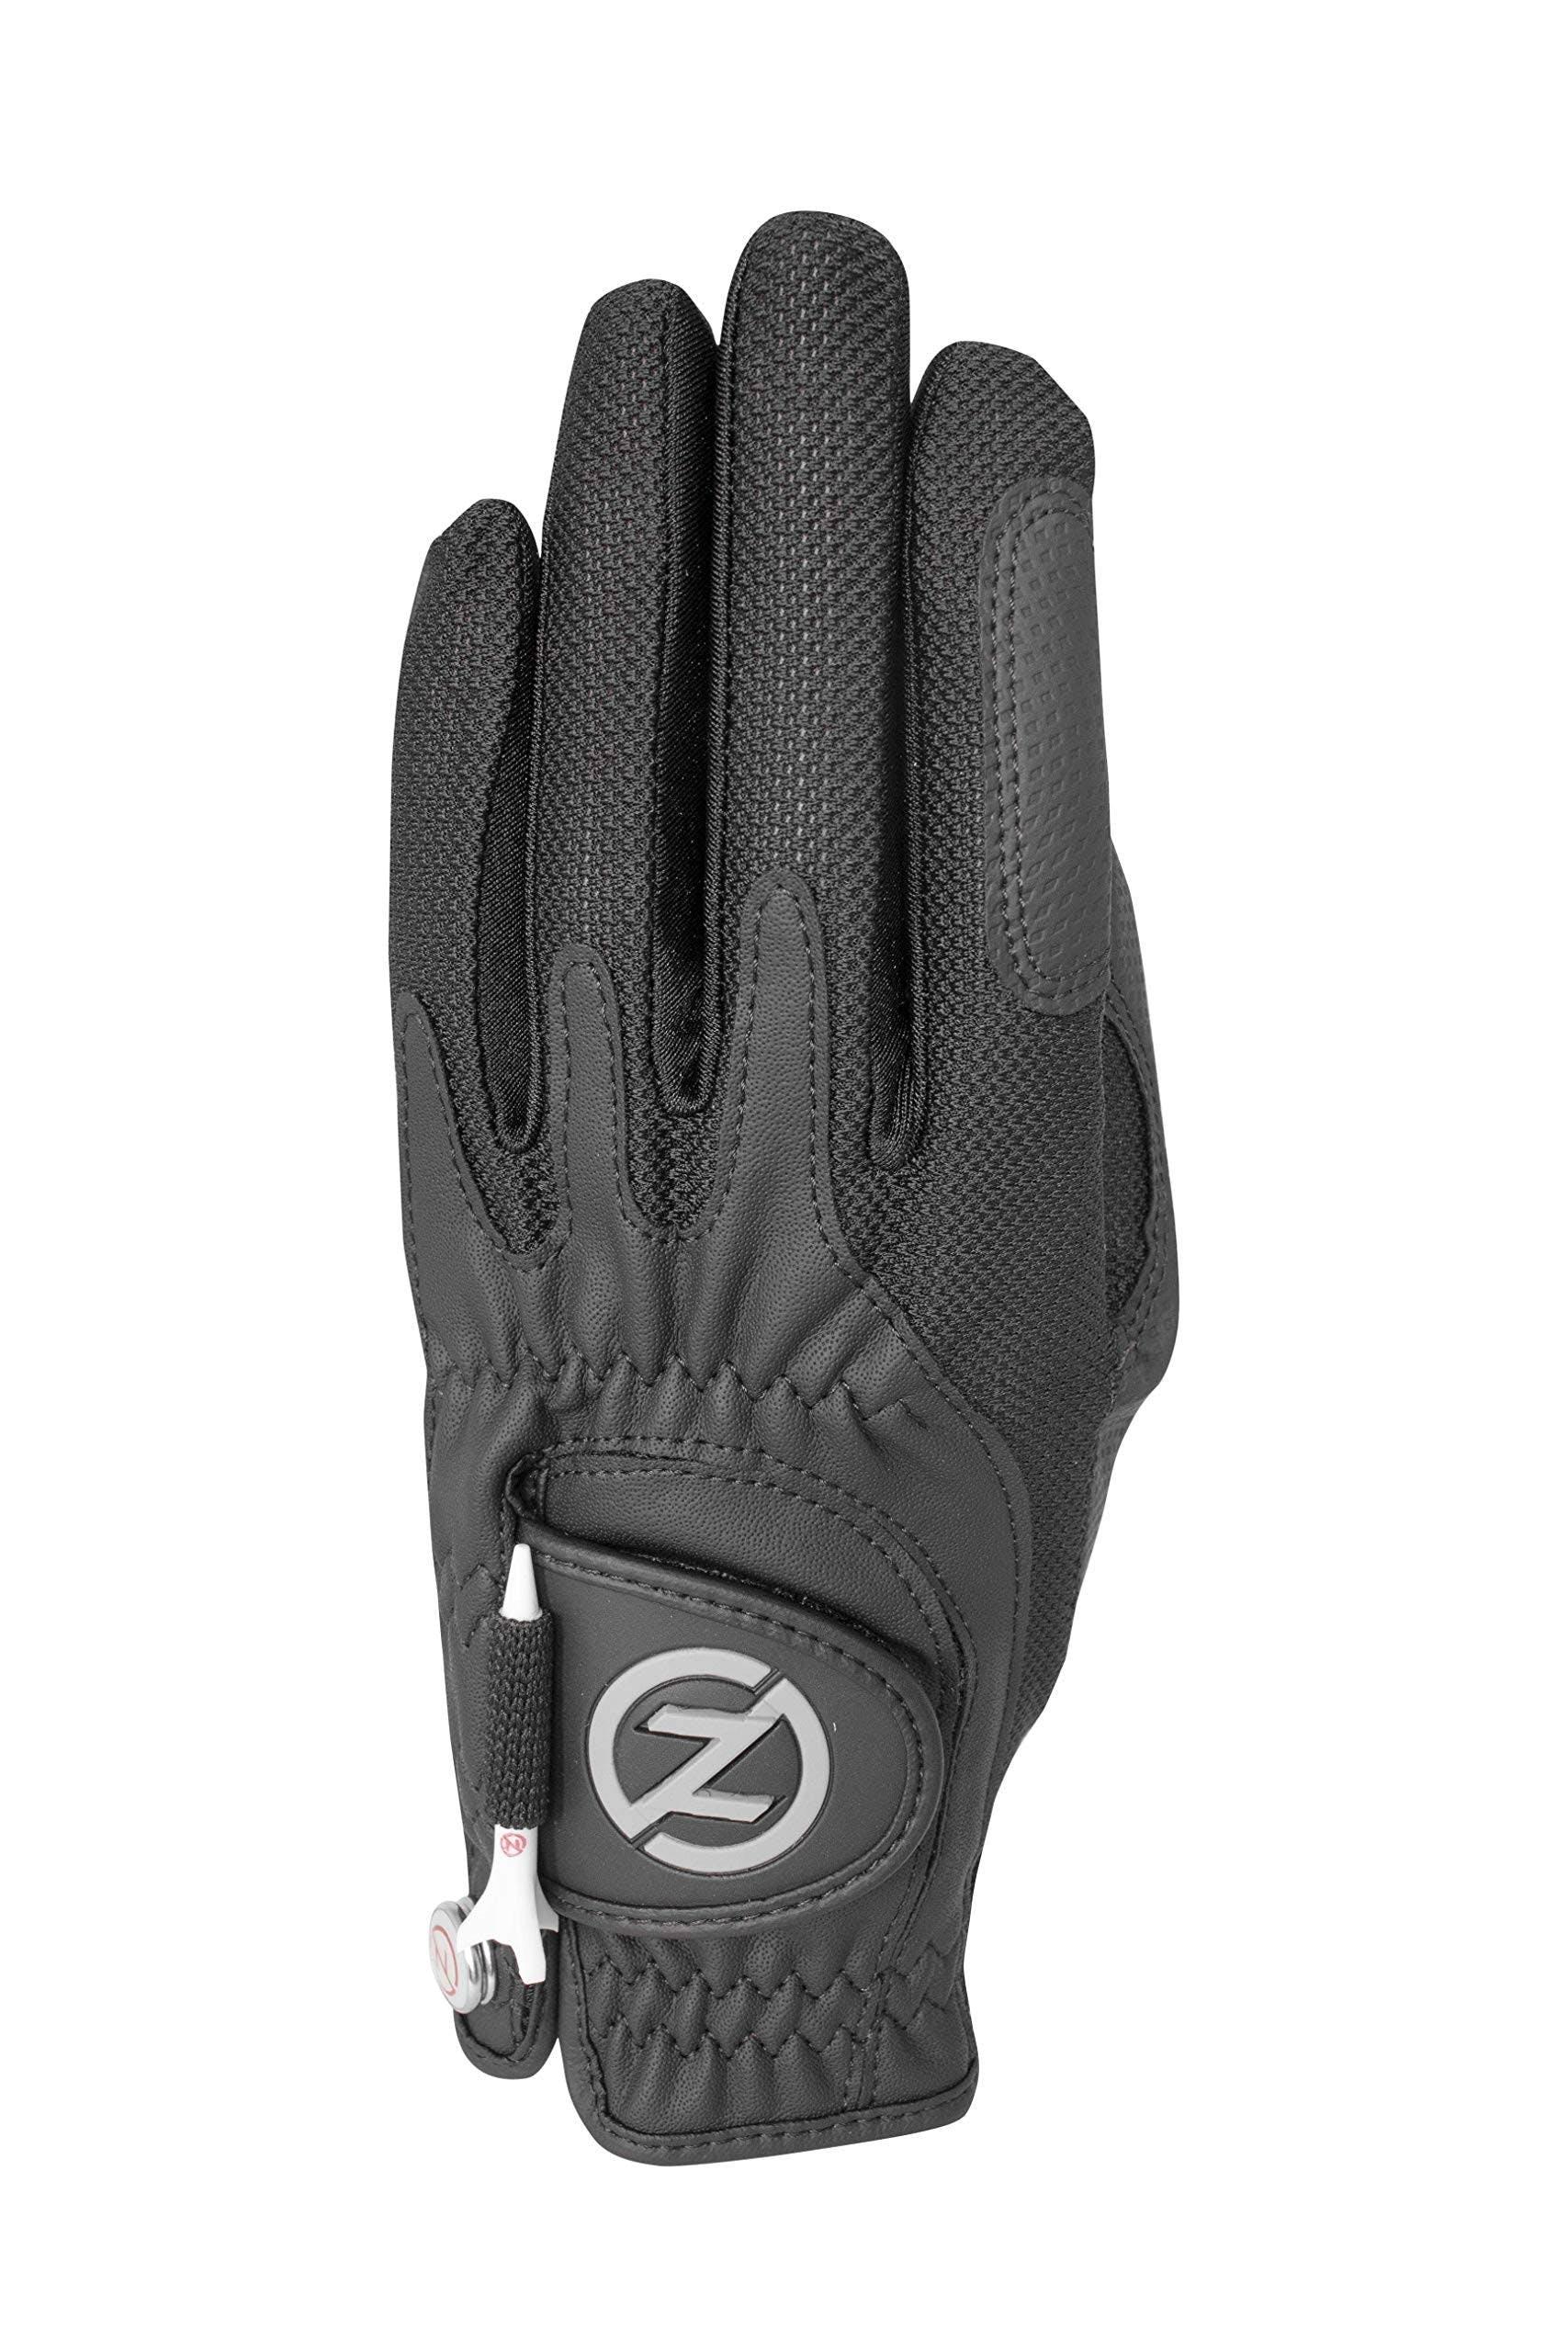 Zero Friction Ladies Golf Glove, Left Hand, One size, Black